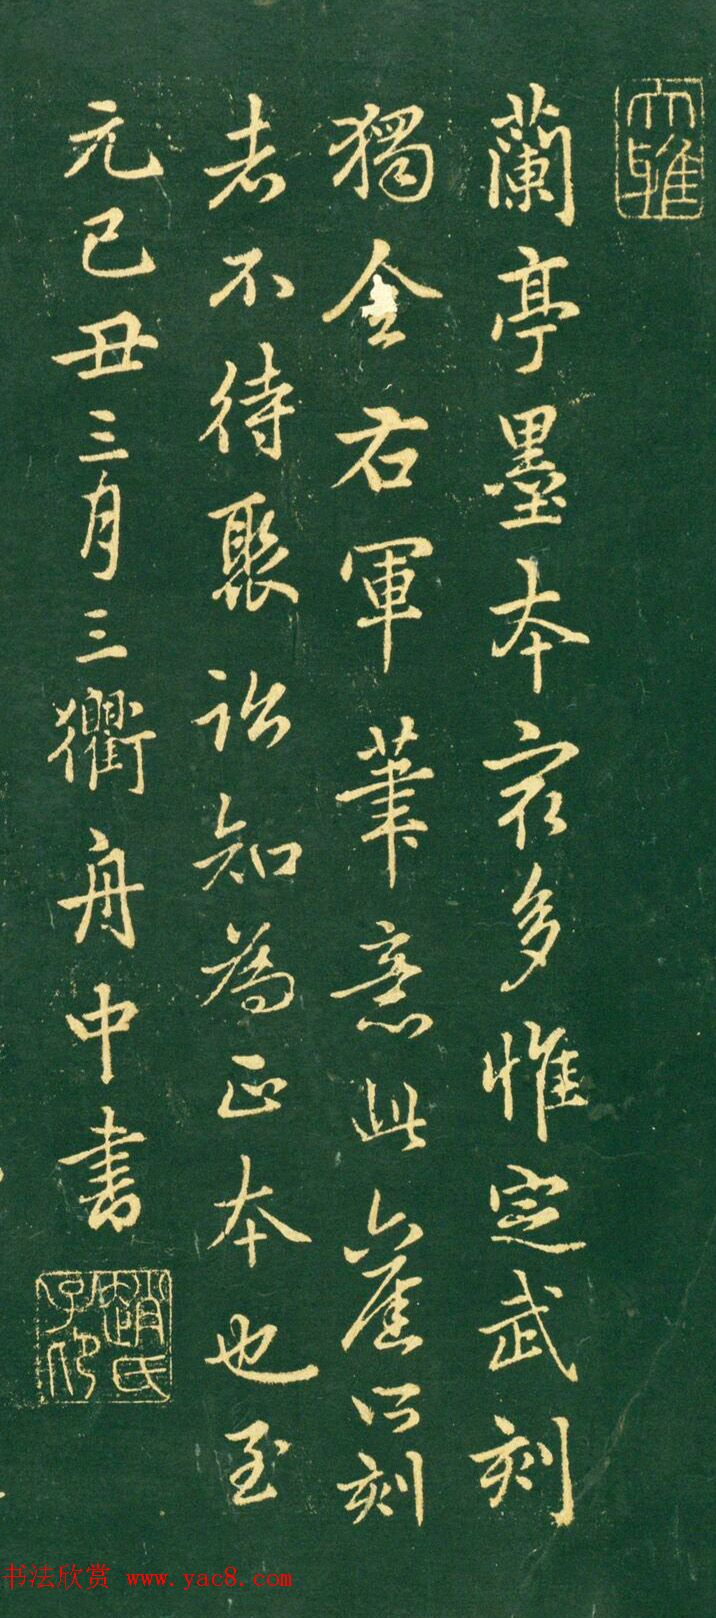 赵孟頫36岁、63岁《跋兰亭序》(日本藏)